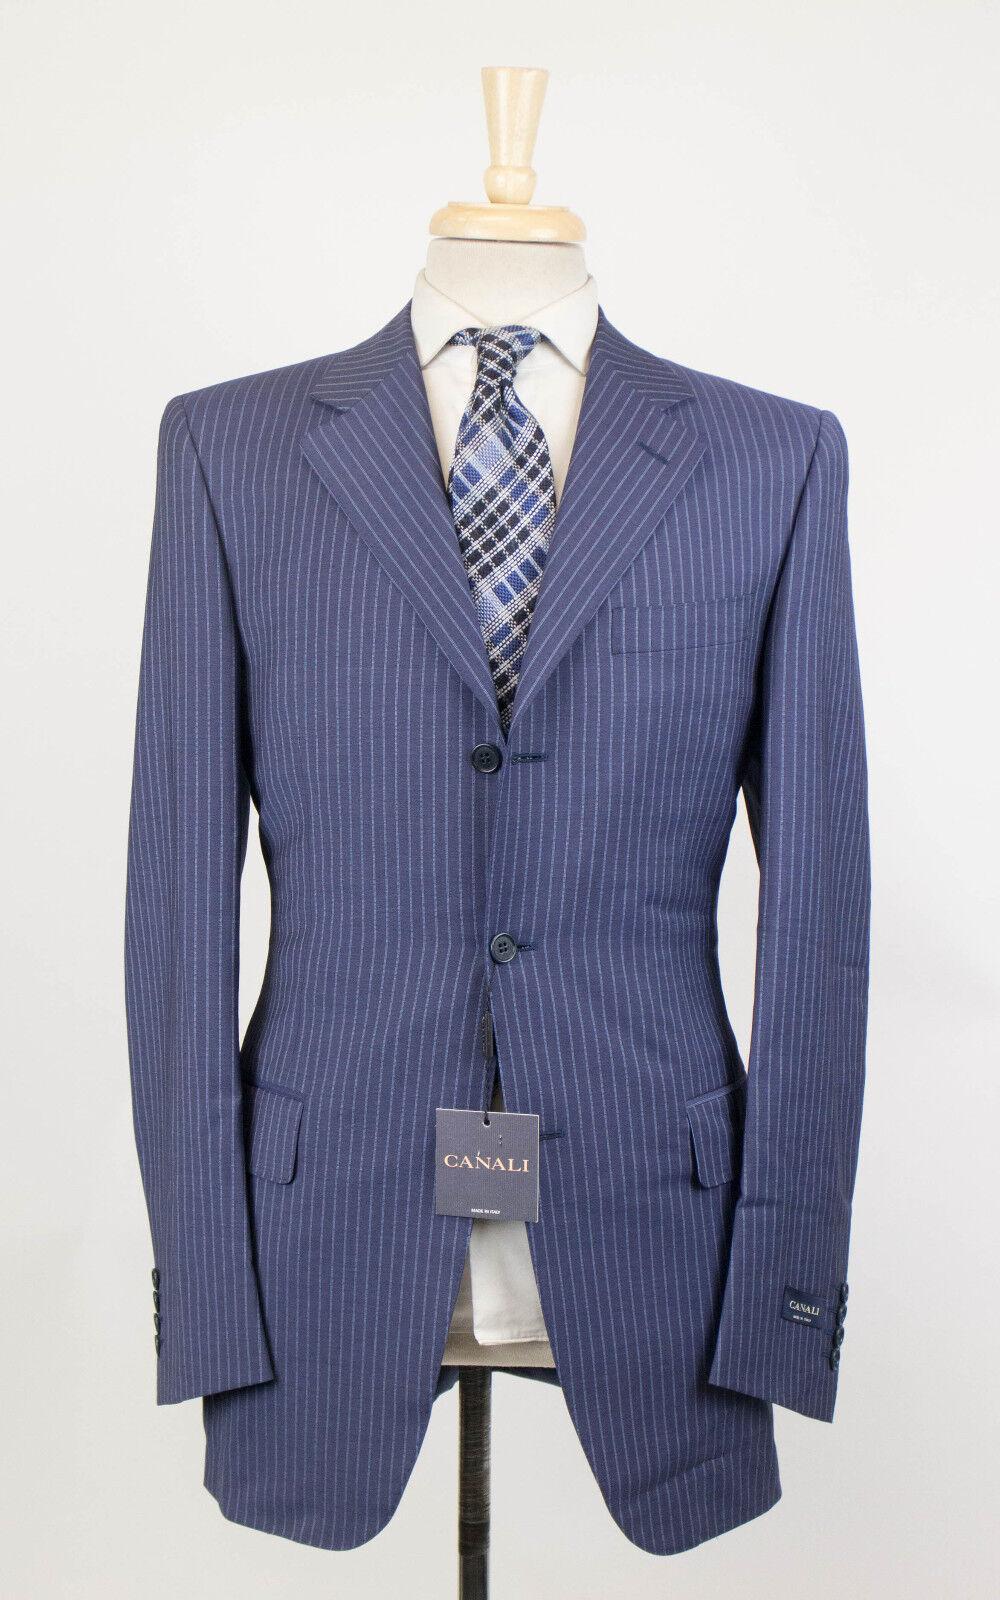 Neu Canali Blaue Streifen Wollmischung 3 Knopf Anzug Größe 48 38 L Tropfen 6    Abrechnungspreis    Räumungsverkauf    Neuheit